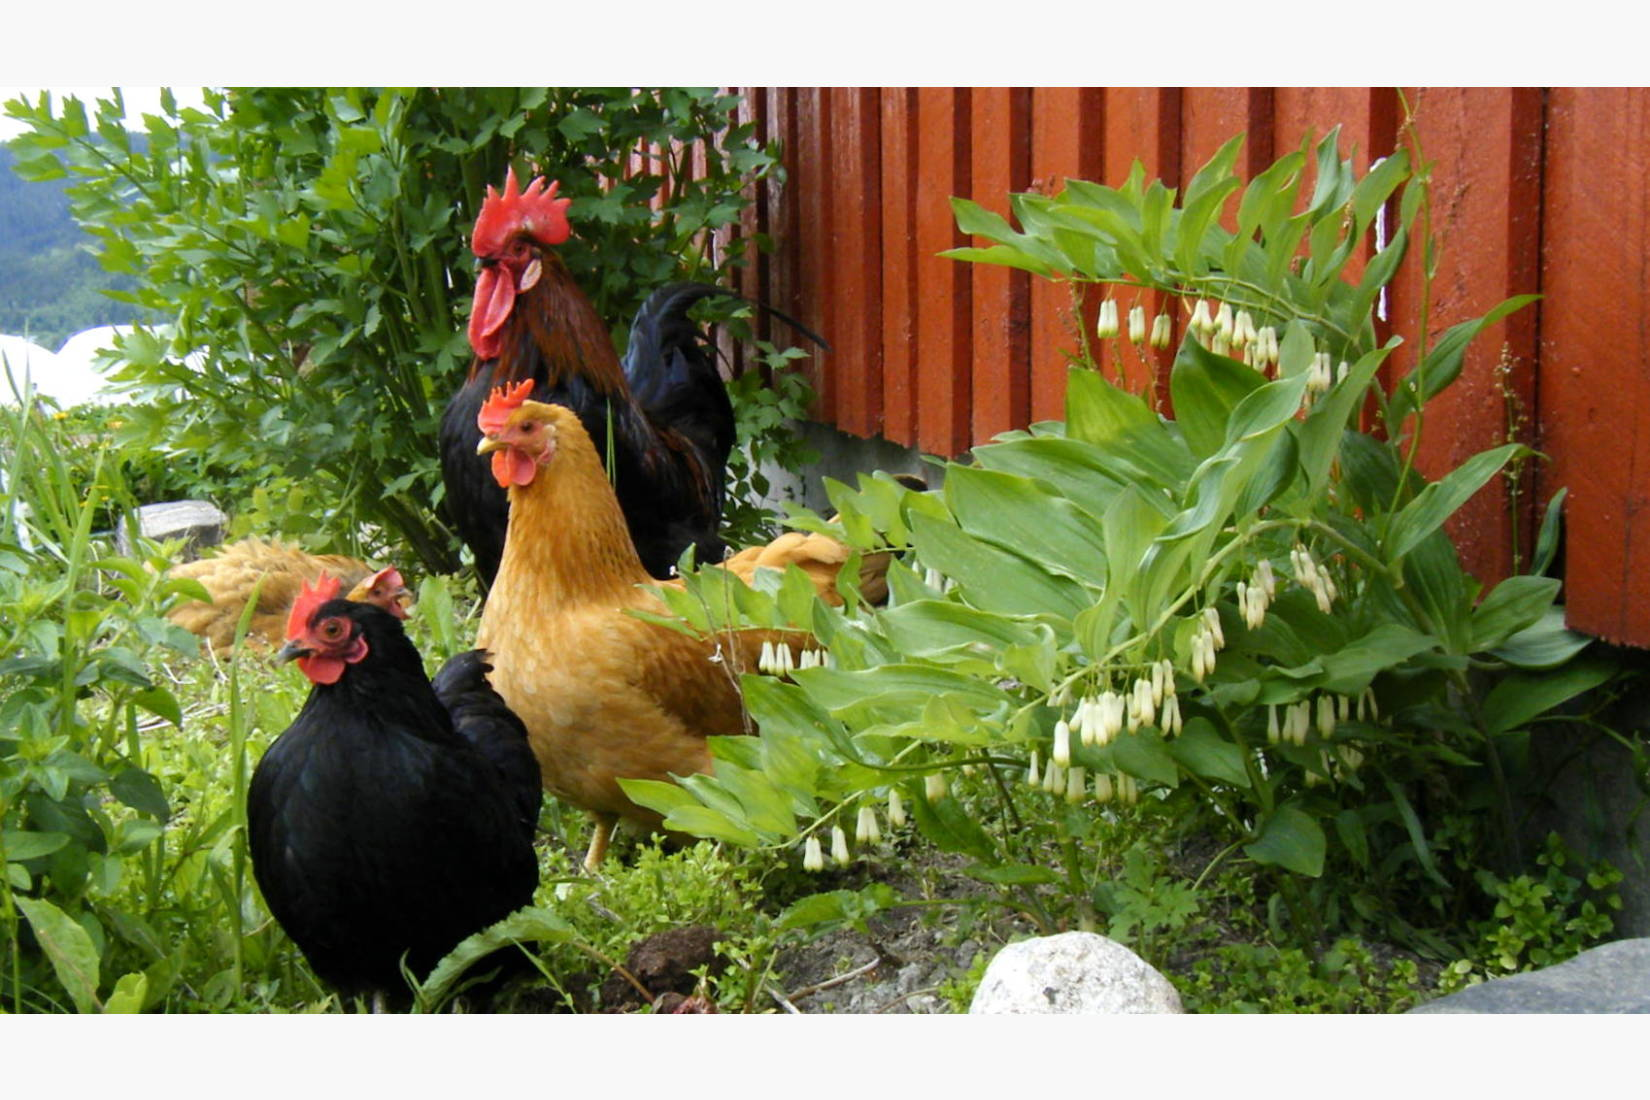 Hønene i tunet tar en pause i solveggen